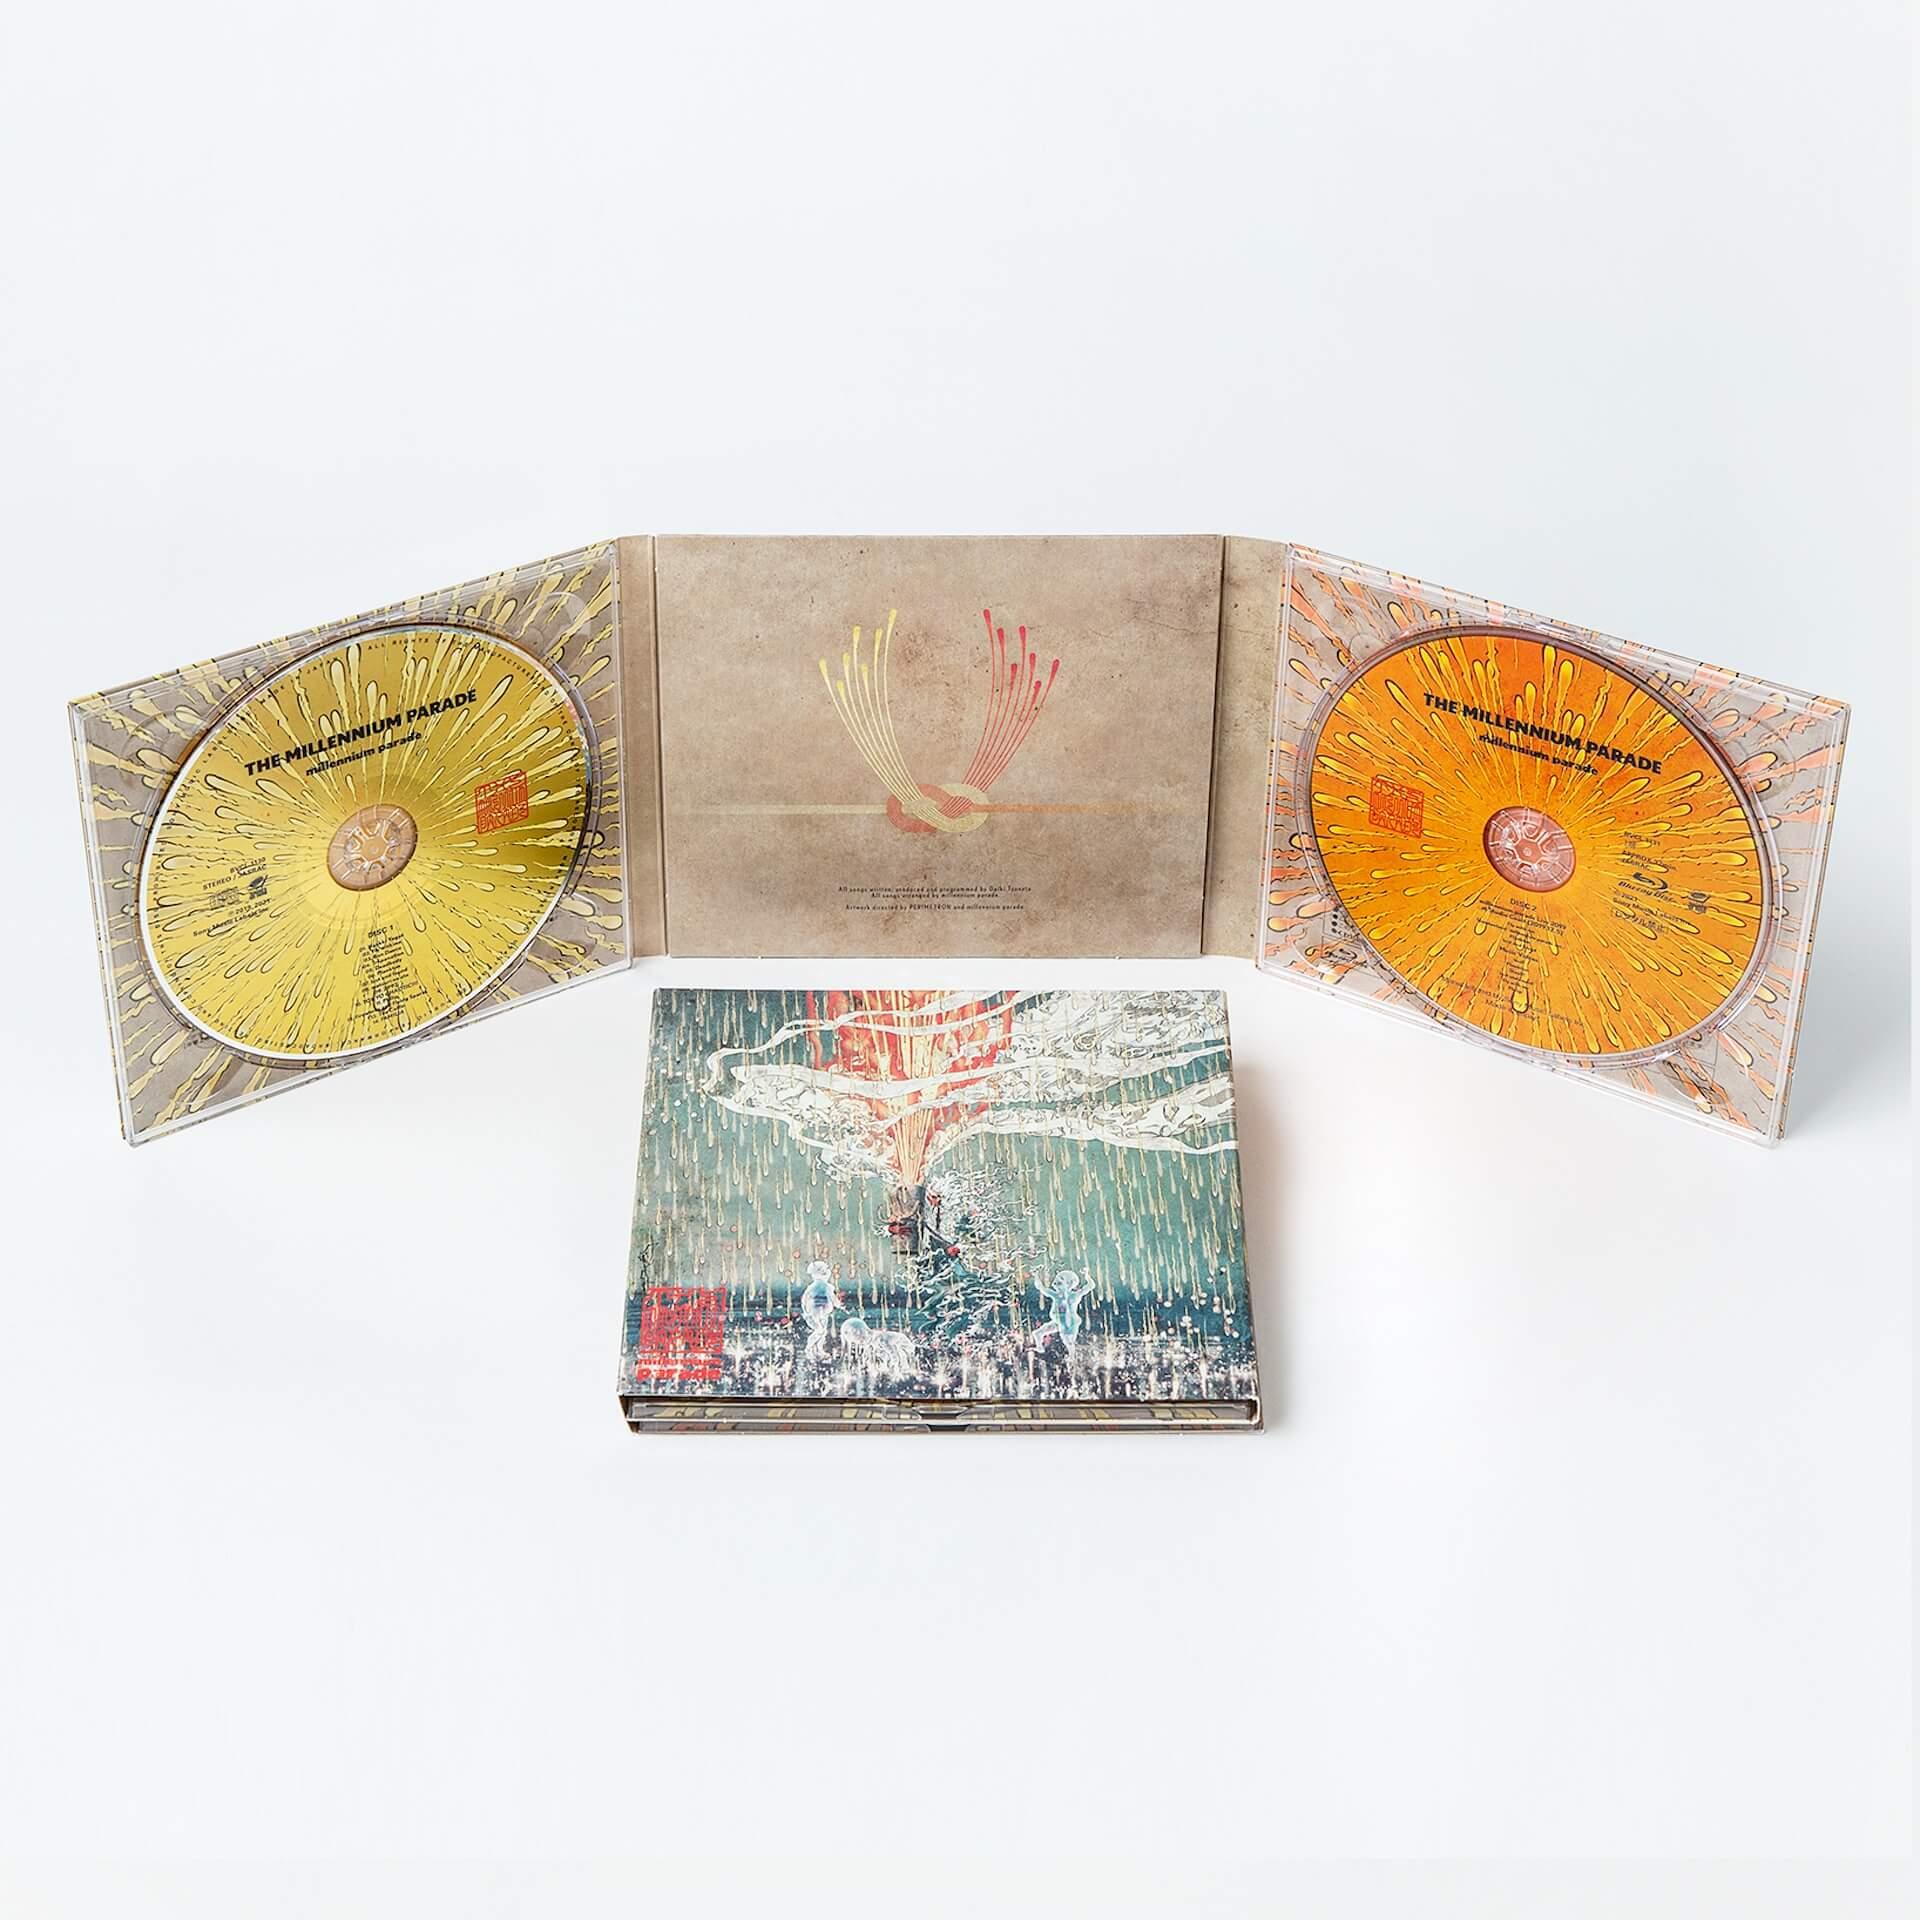 millennium paradeのデビューアルバム『THE MILLENNIUM PARADE』がついにリリース!毎日コメント投稿企画に常田大希登場「今までの集大成であり、デビューアルバム」 music210210_millenniumparade_7